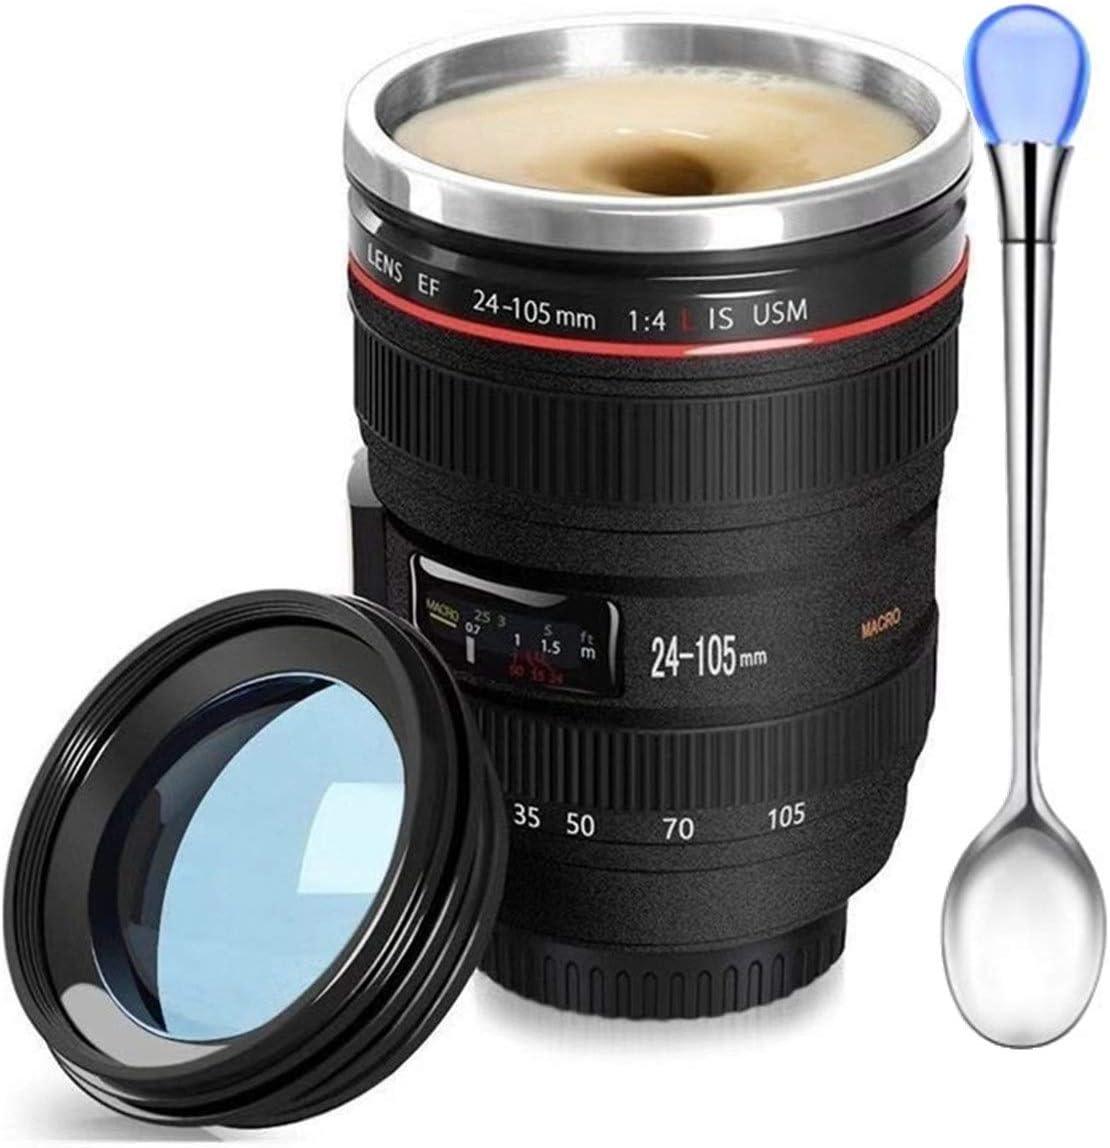 Kaffeebecher mit Kameralinse, lustiges Foto-Objektiv, Edelstahl-Thermobecher, tolles Geschenk für Fotografen, Heimbedarf, Freunde, Schulbelohnungen...